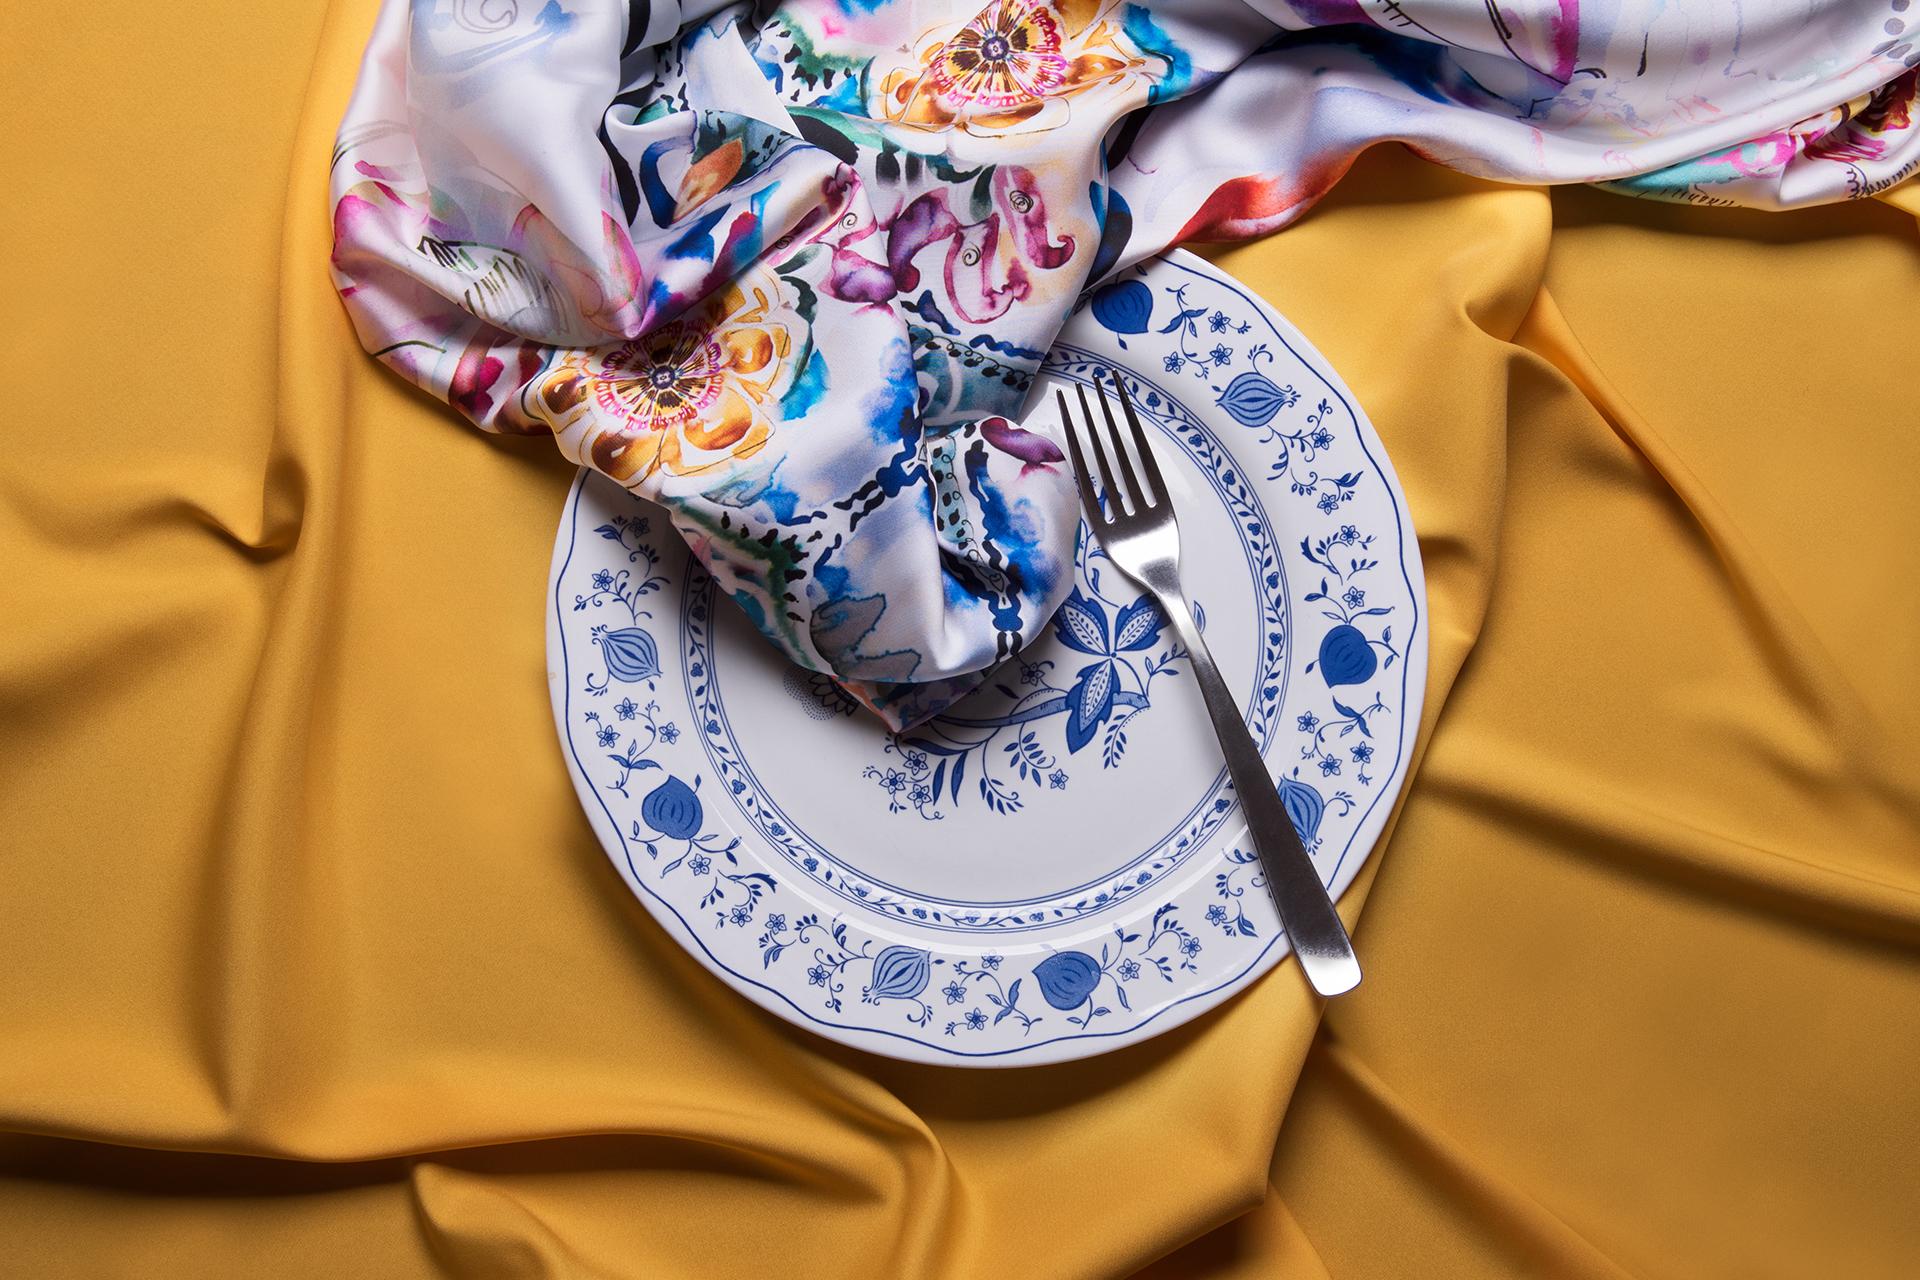 vittorio errico still life fotografia pubblicitaria photography alessandra landolfy fashion designer